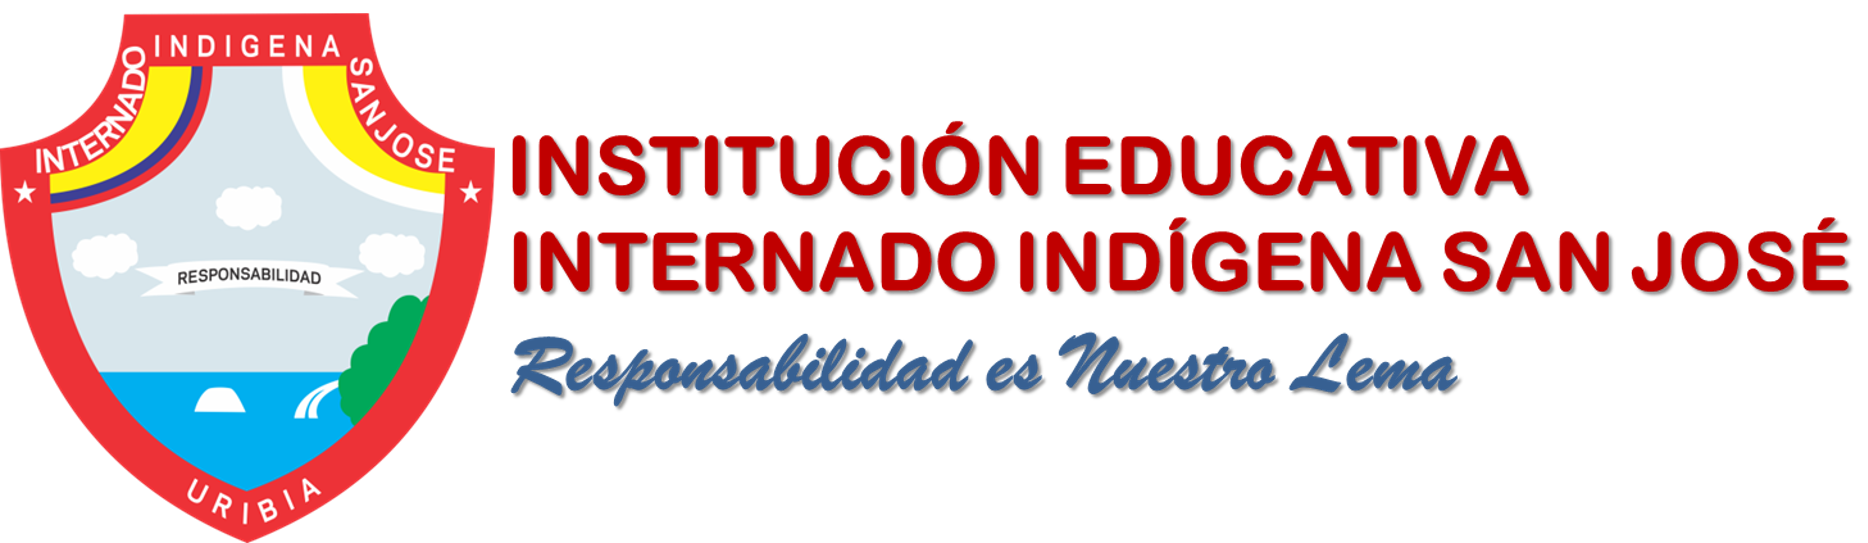 Institución Educativa Internado Indígena San jose